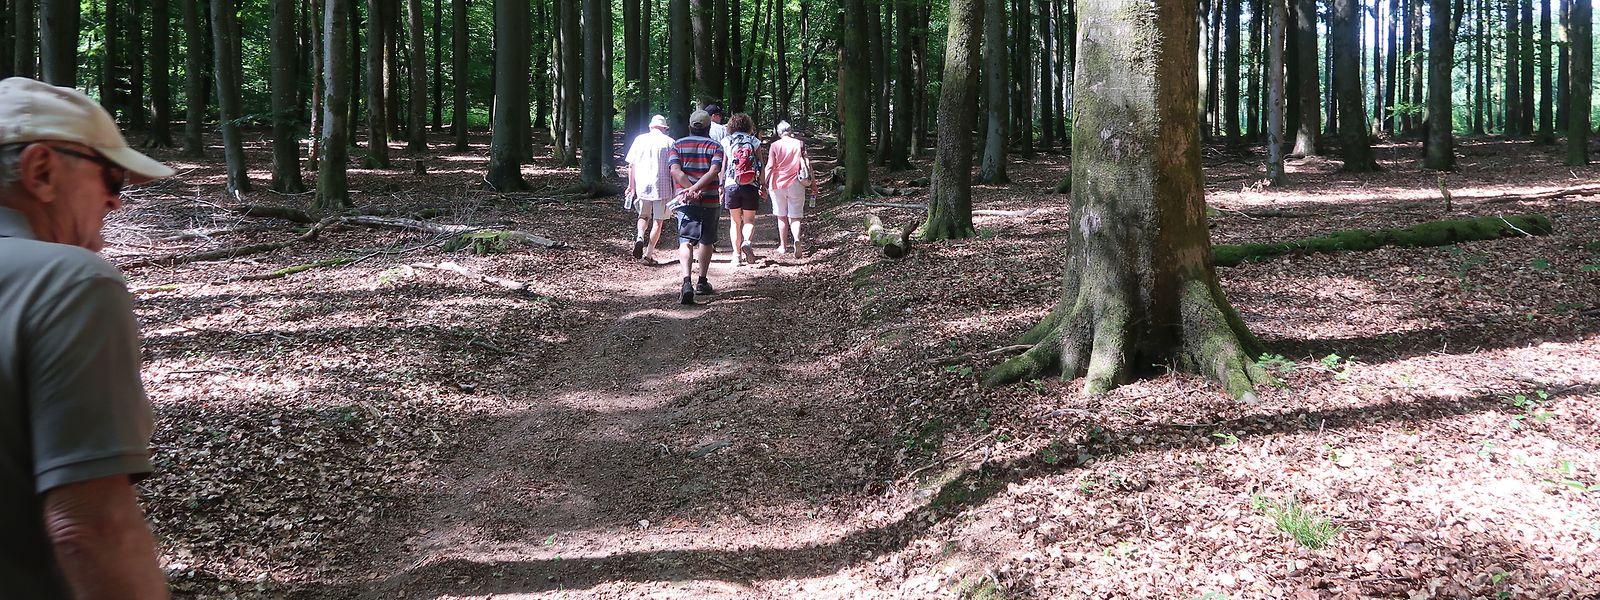 Im Wald musste man früher vor allem darauf achten, ungeschickte Schritte und somit verräterische Geräusche zu vermeiden.